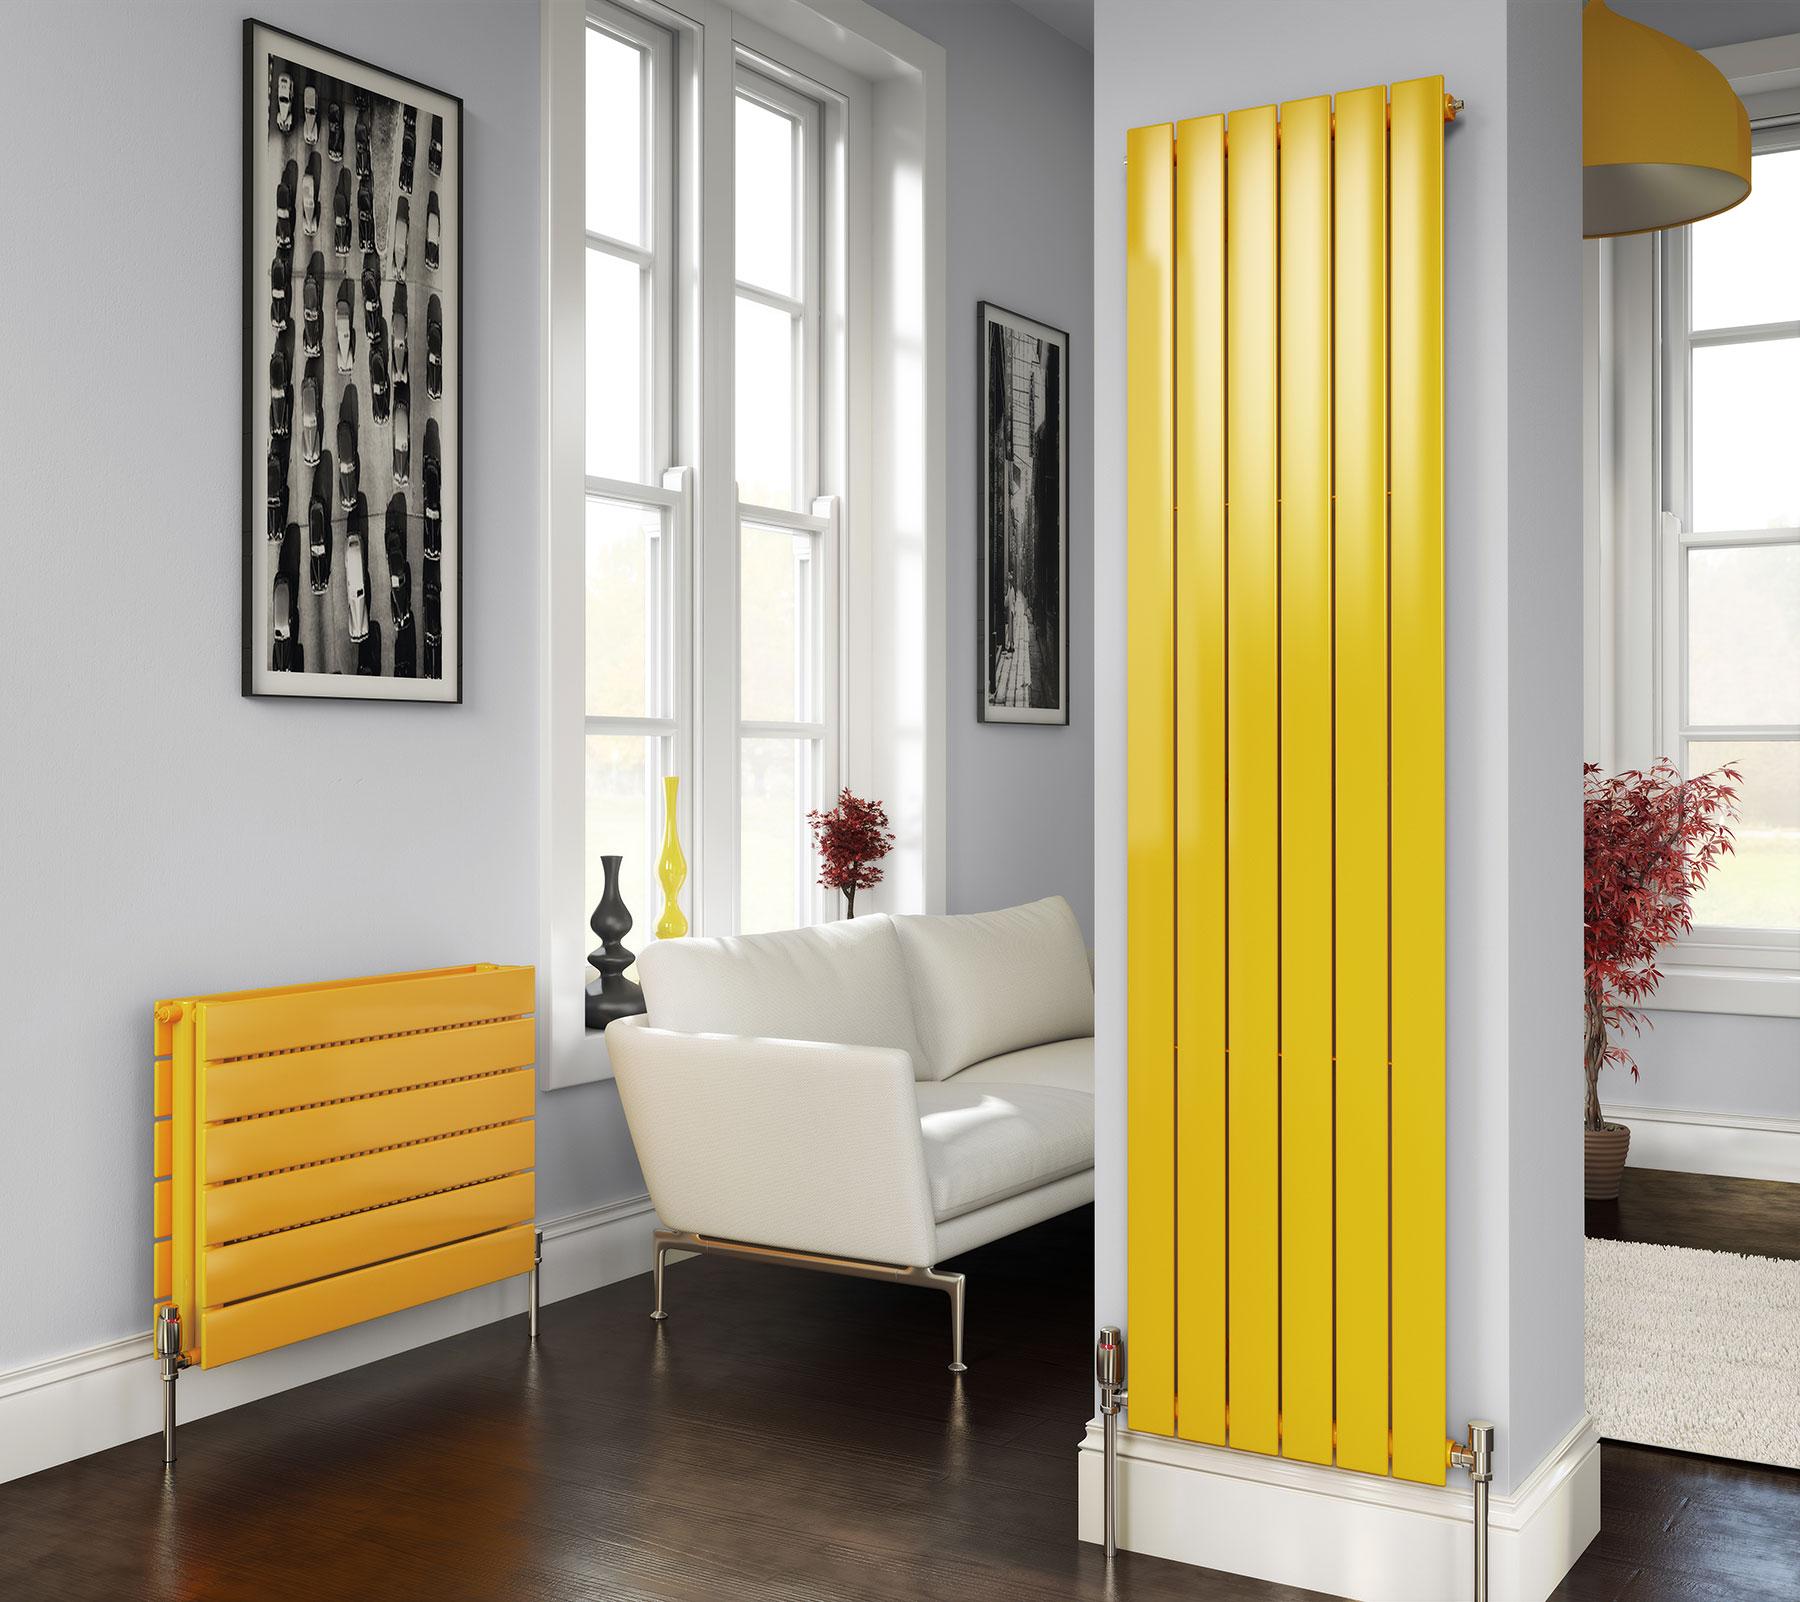 Вертикальный радиатор желтого цвета